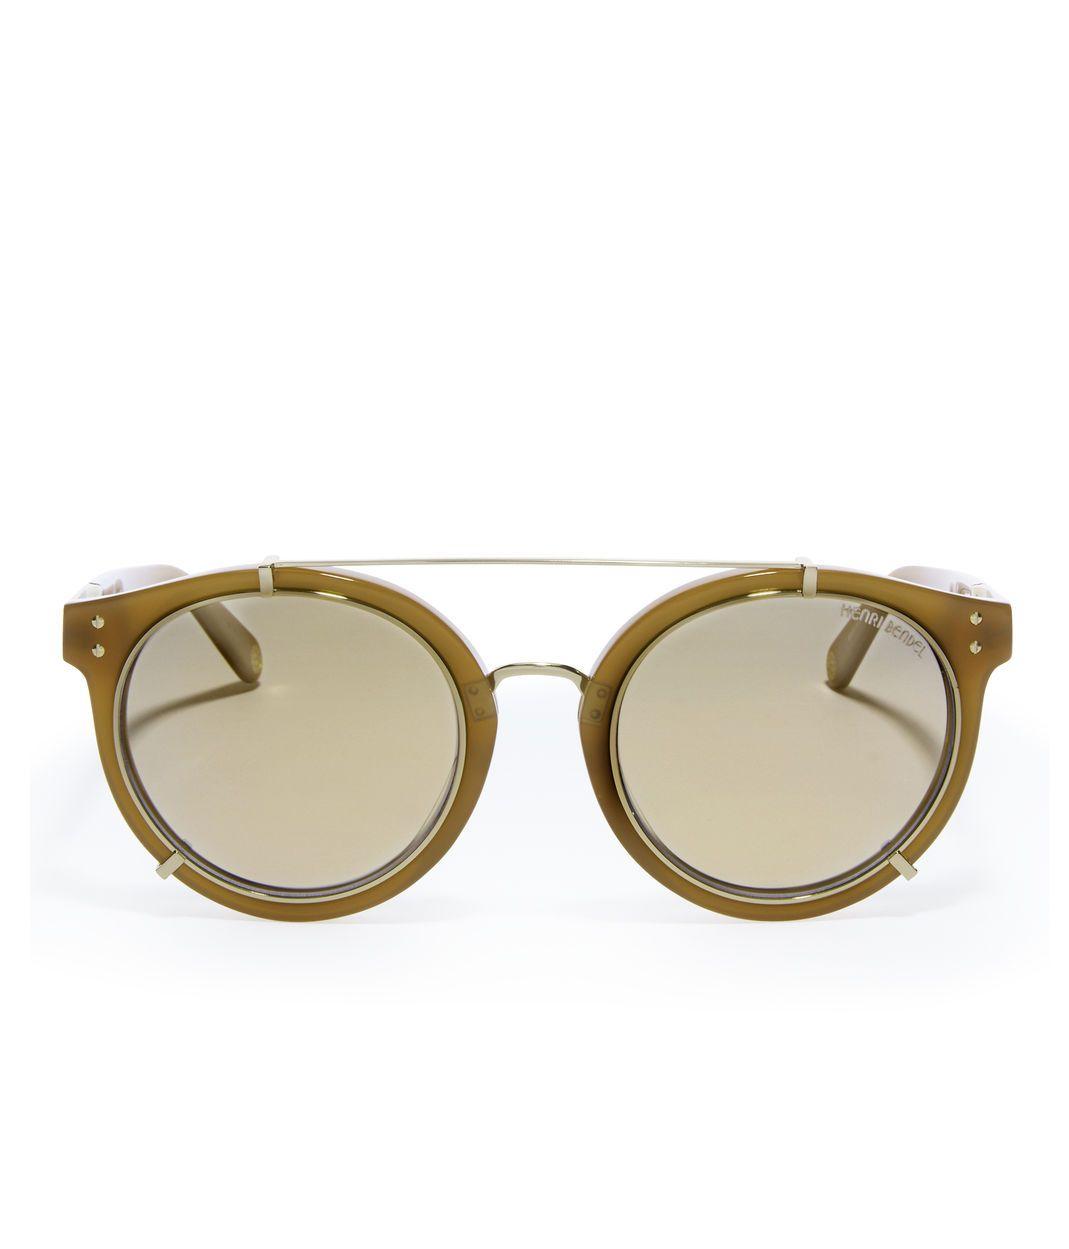 427a543e8e Maggie Round Sunglasses - Retro Sunglasses